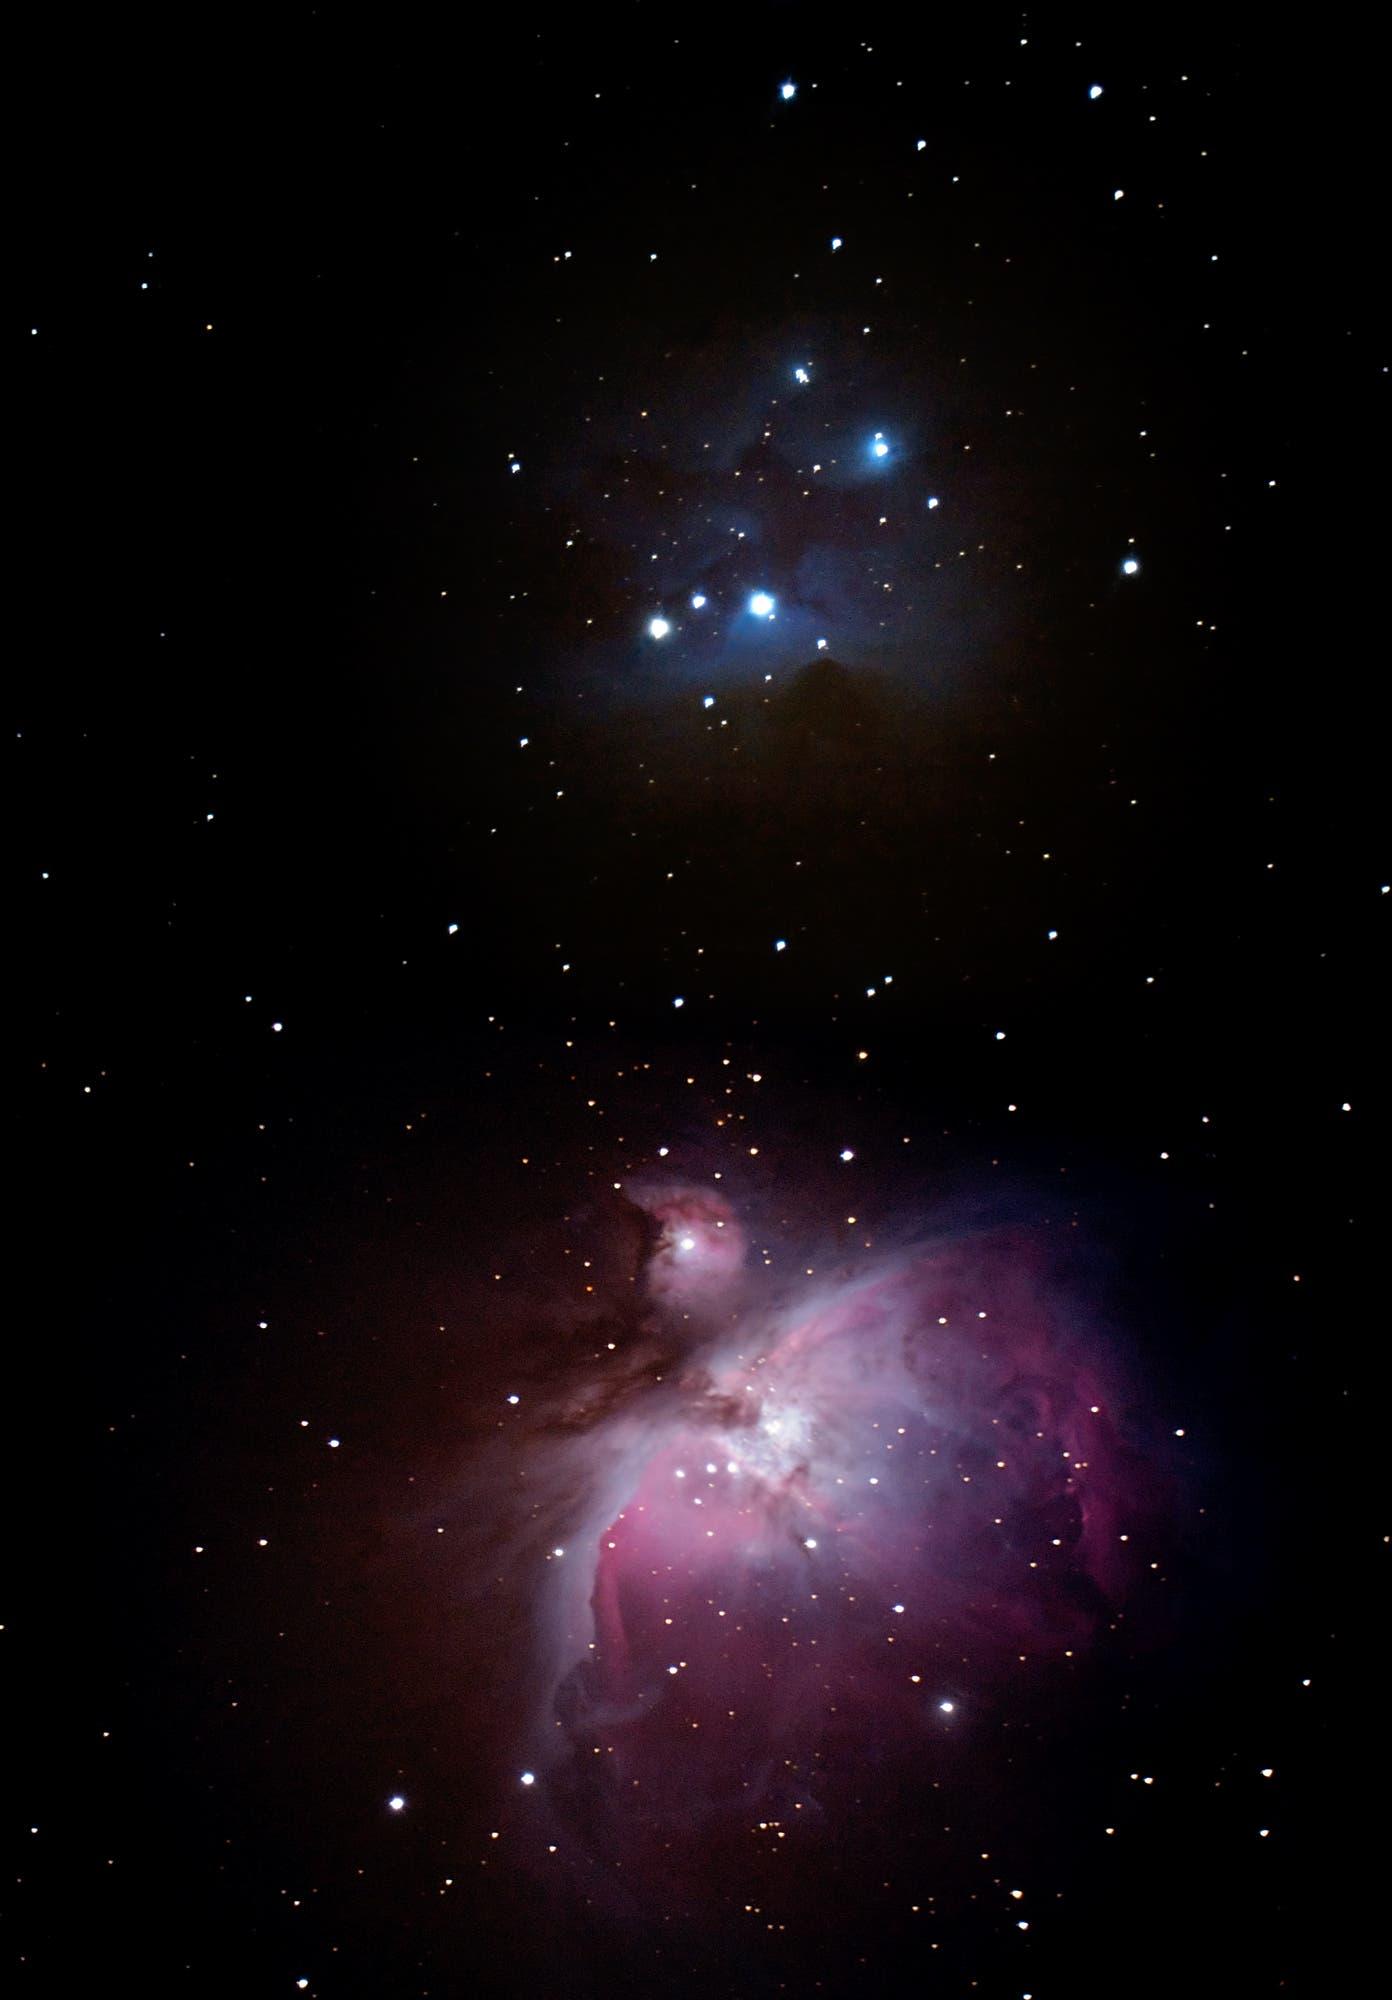 Das Schwert des Orion